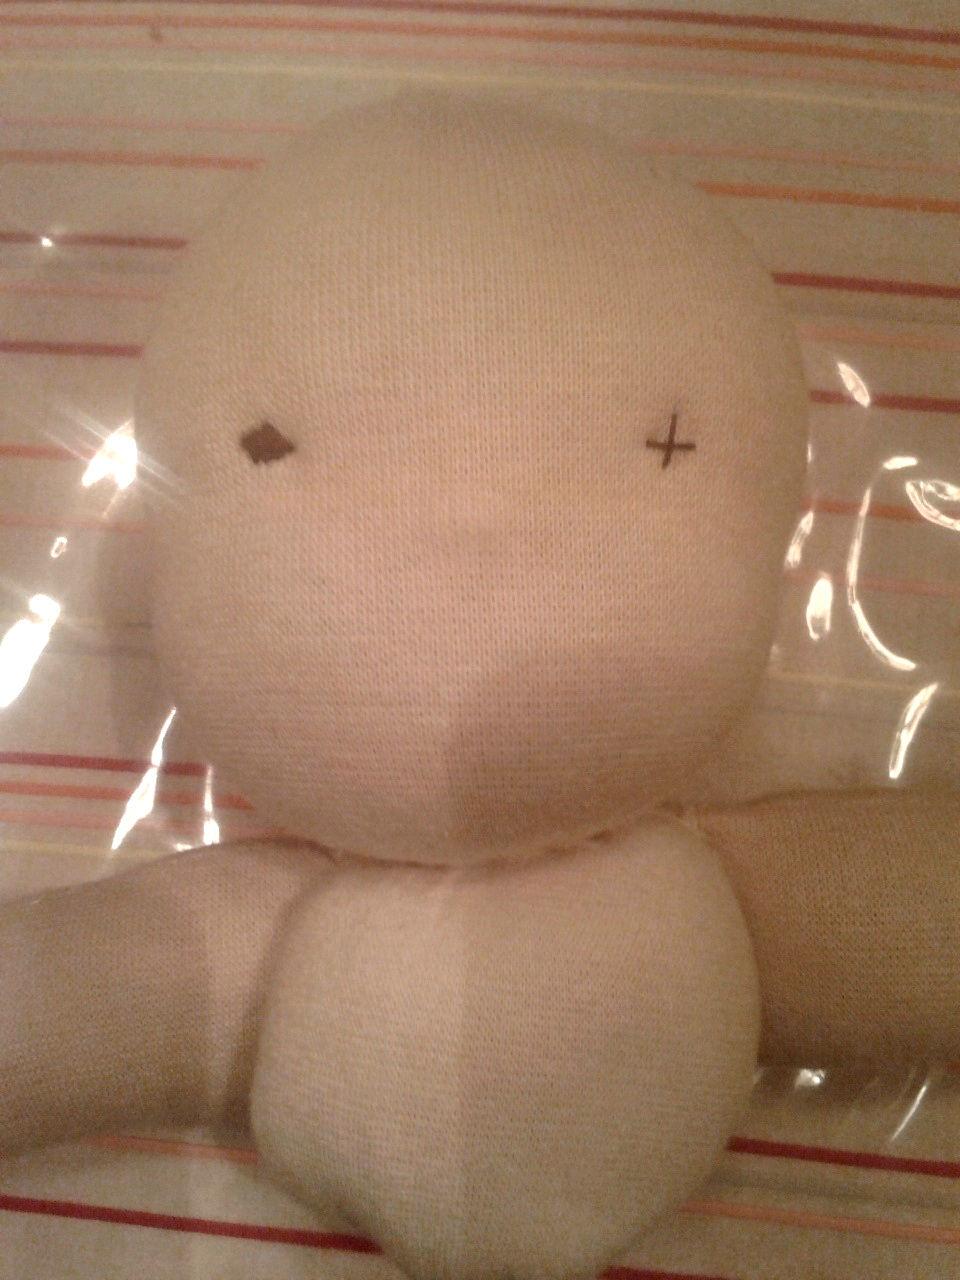 Doll eye